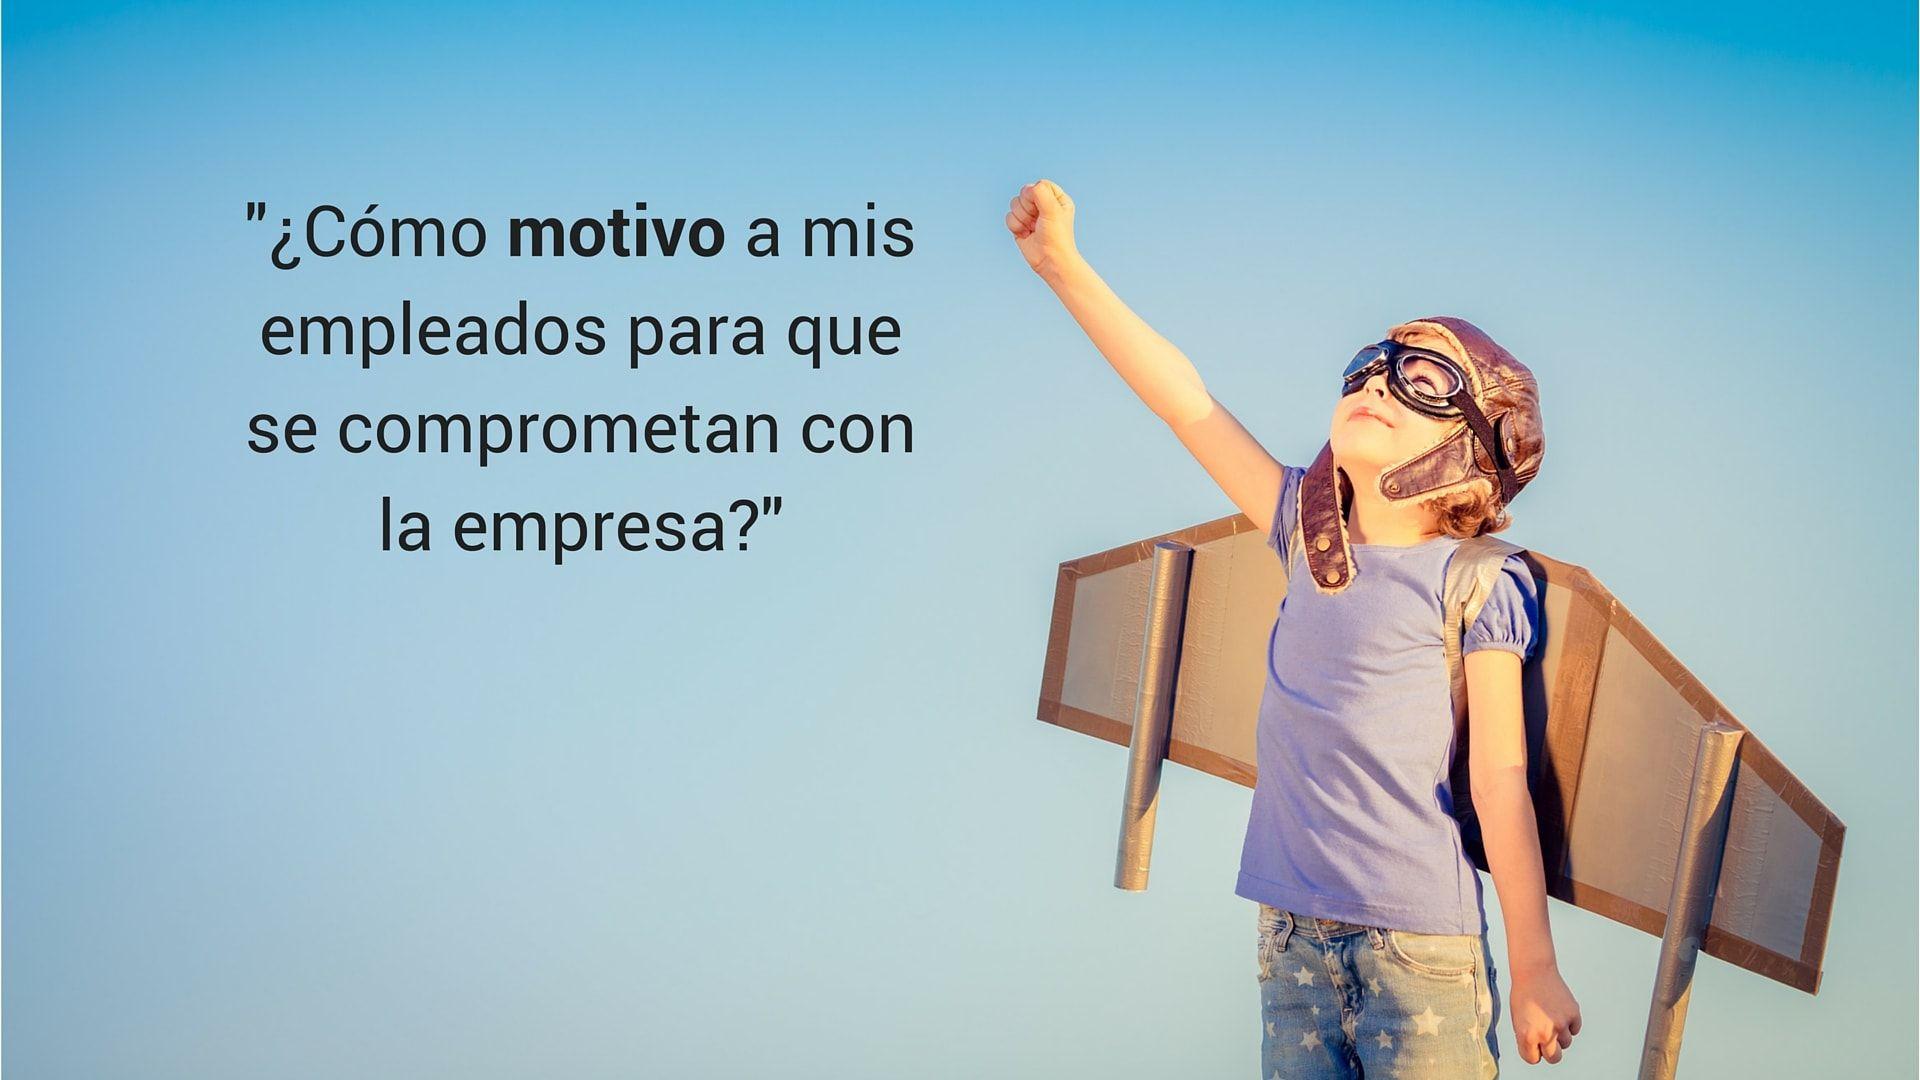 Motivación Cómo Se Consigue Garrido Fresh Mentoring